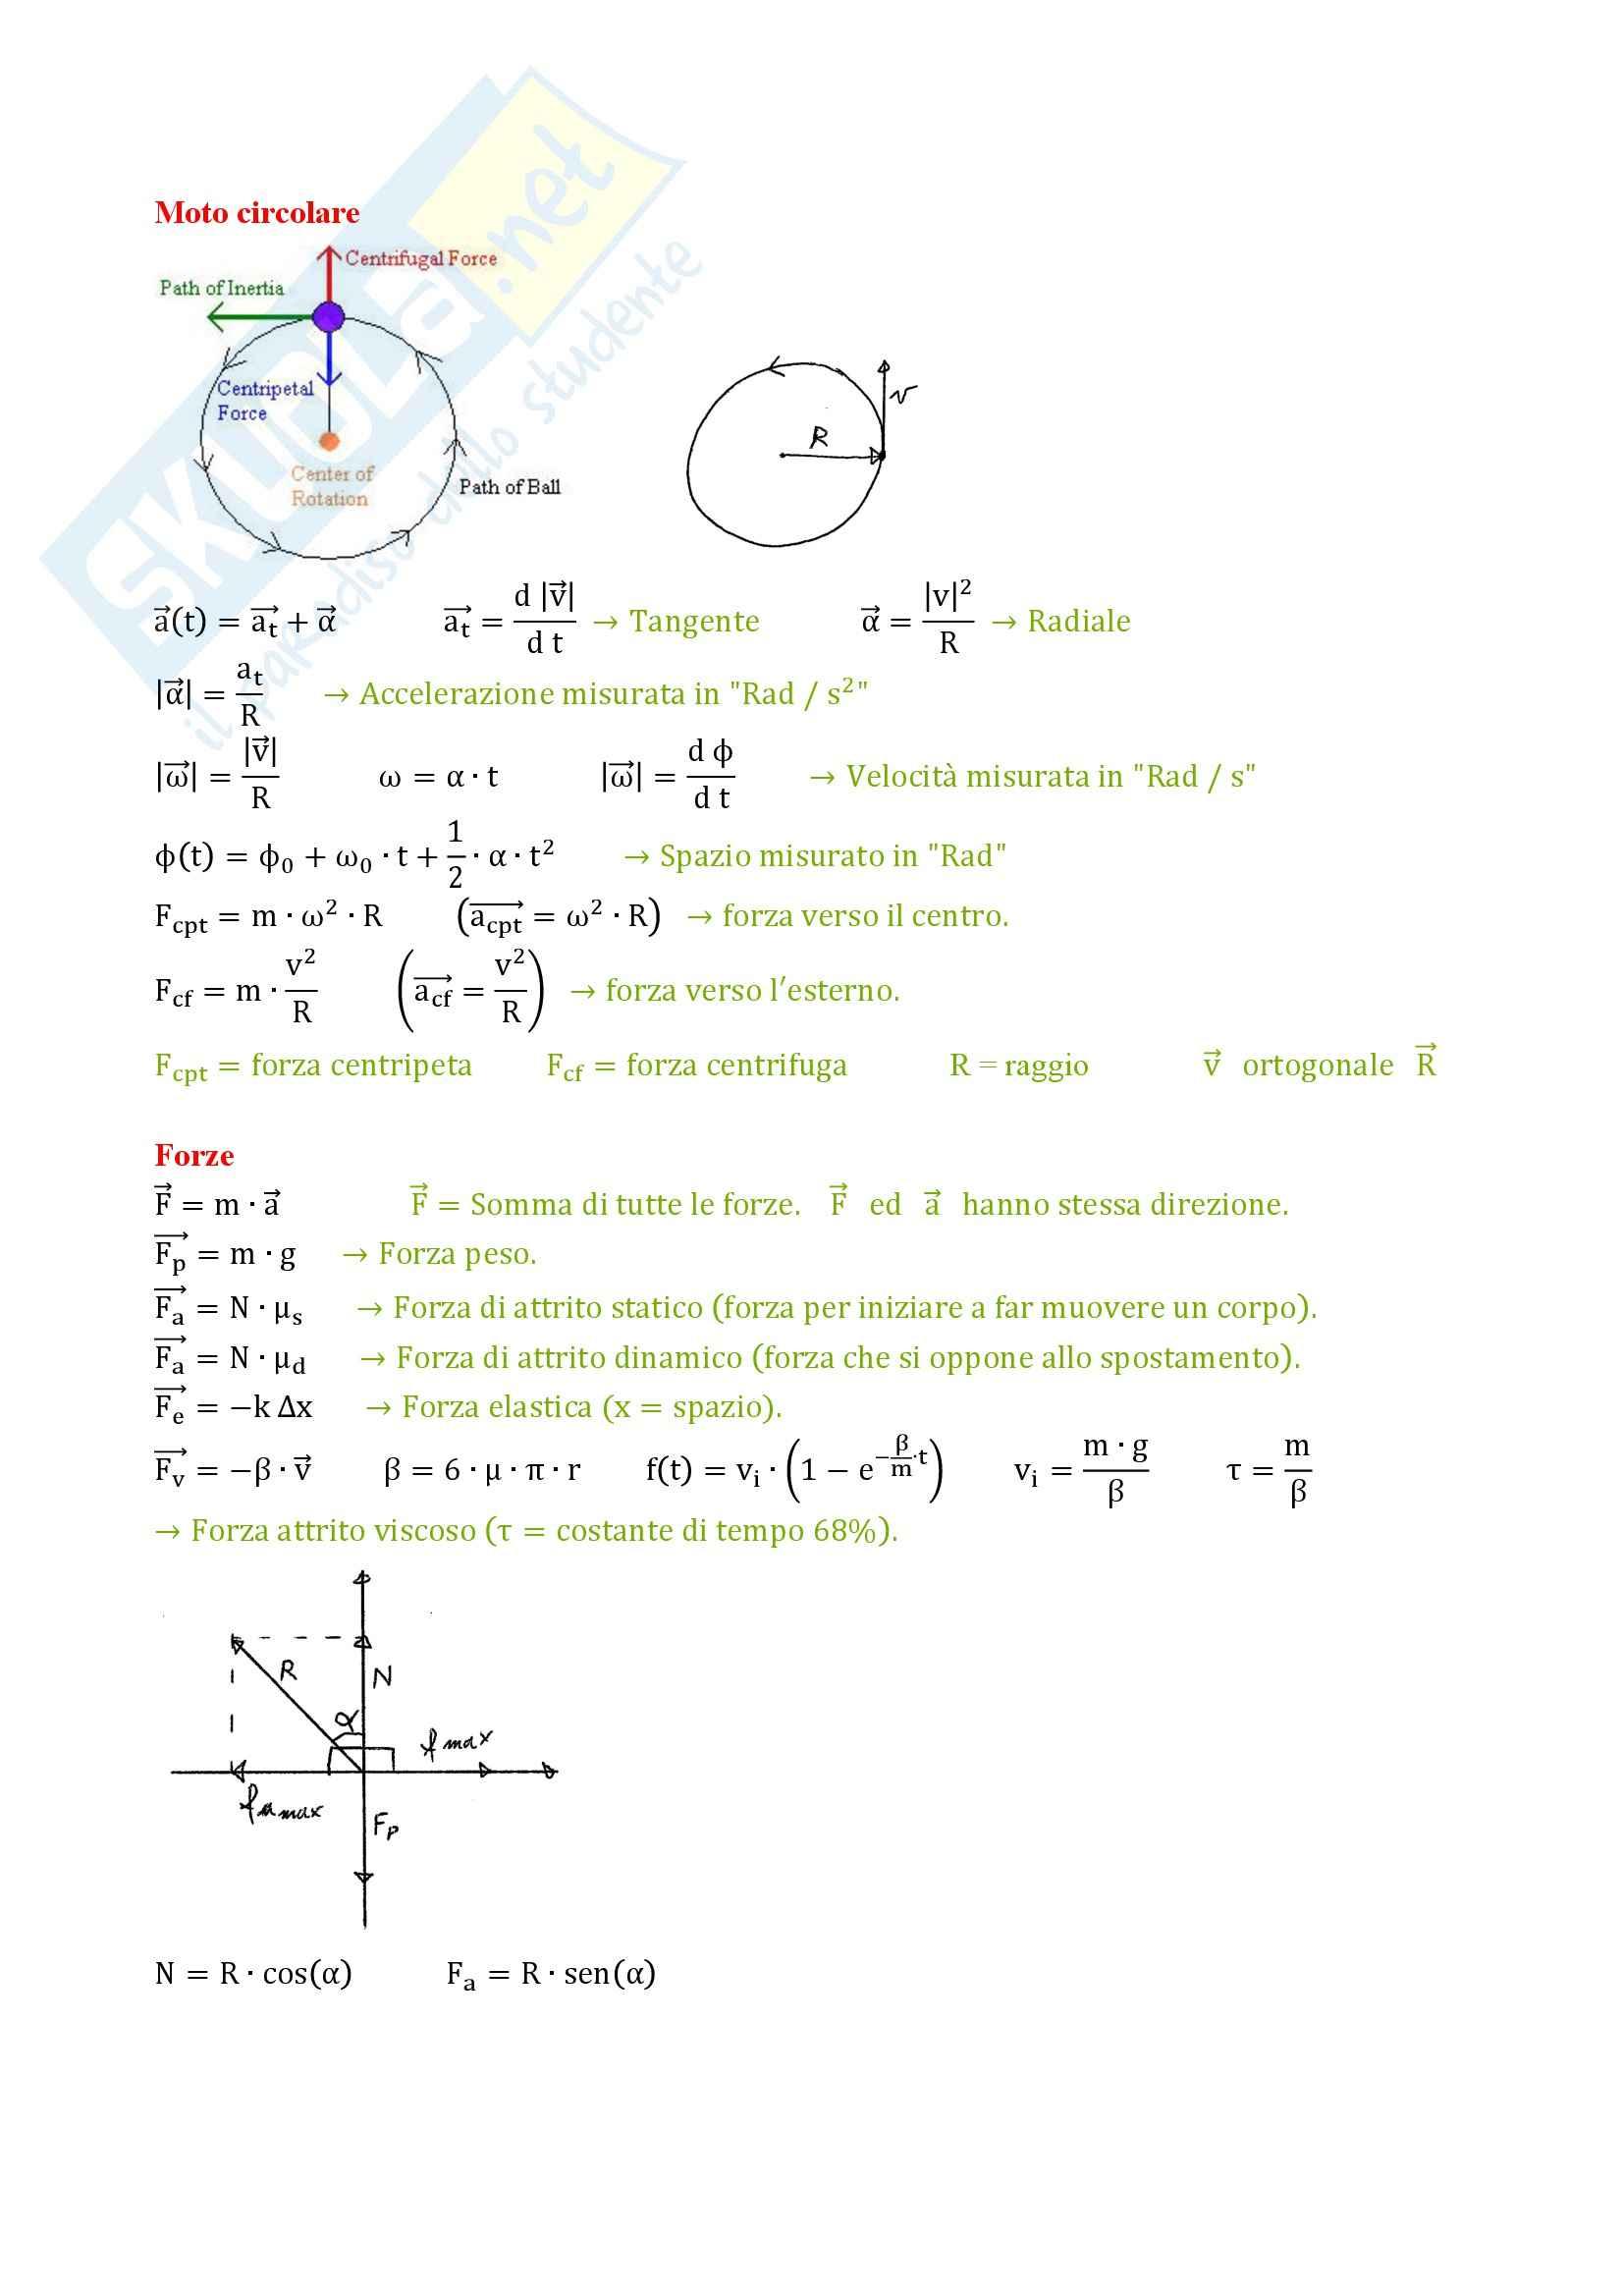 Fisica - Formule moti, termodinamica, elettromagnetismo Pag. 2